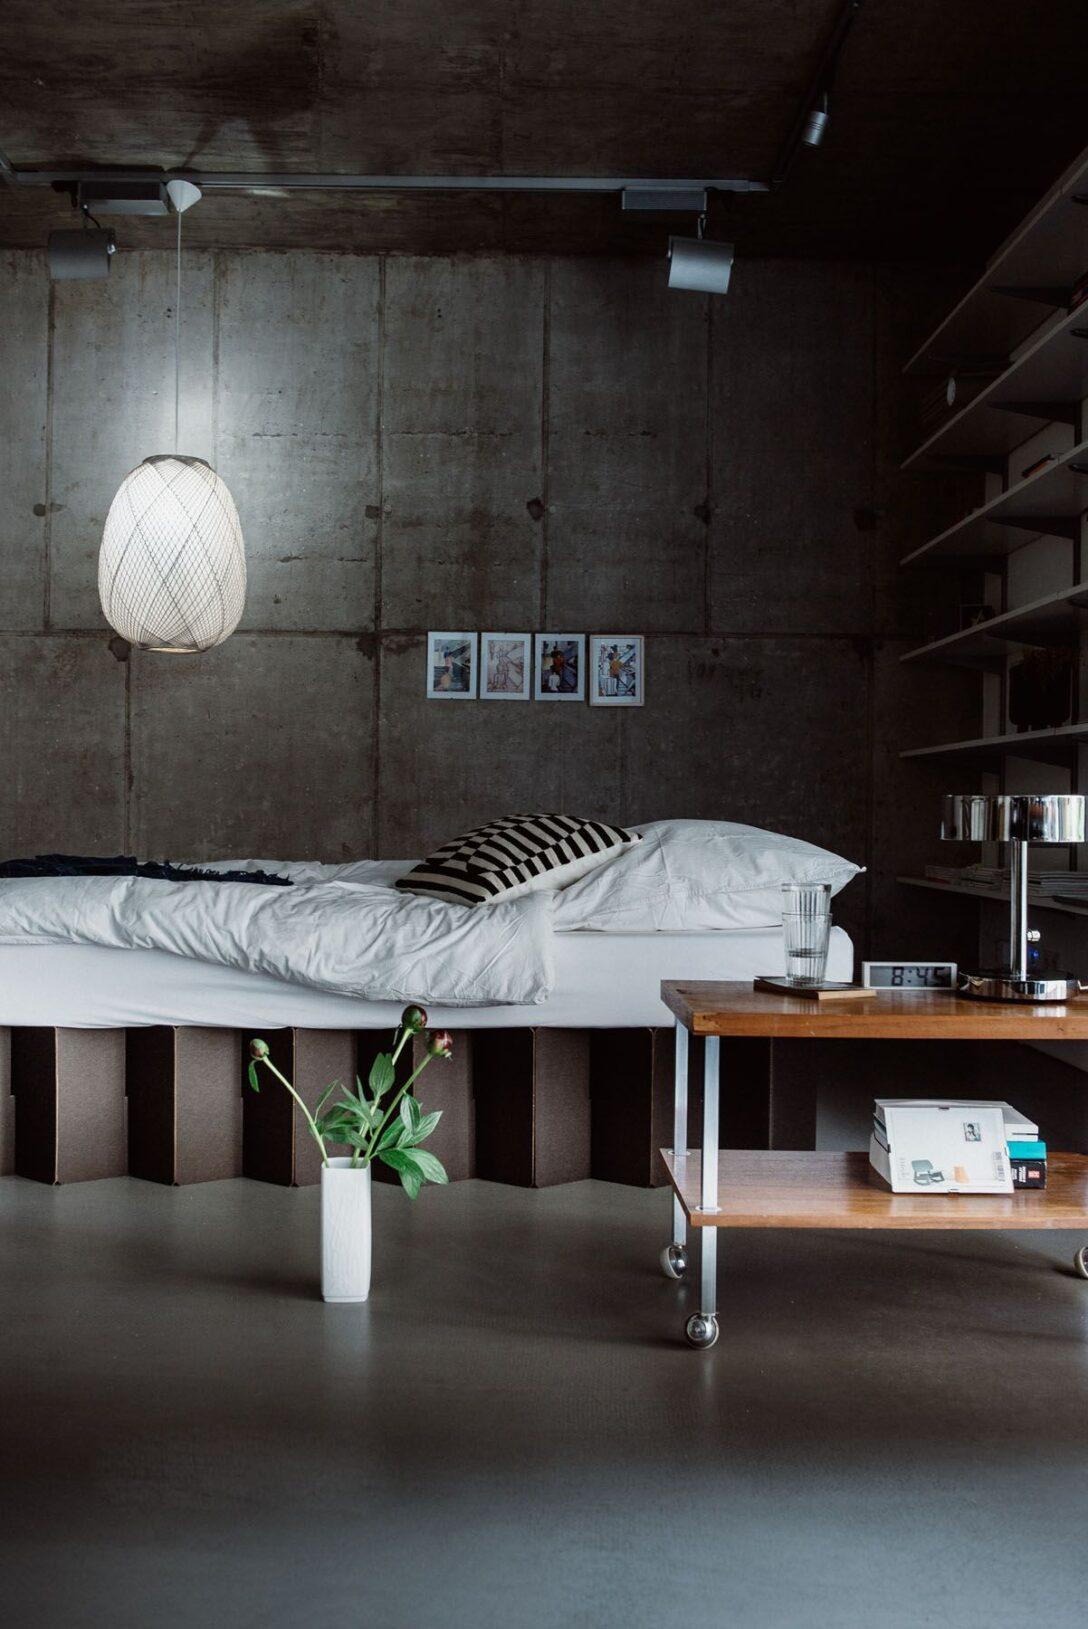 Large Size of Pappbett Ikea This Furniture Is Totally Ecological Miniküche Sofa Mit Schlaffunktion Betten 160x200 Bei Küche Kosten Modulküche Kaufen Wohnzimmer Pappbett Ikea